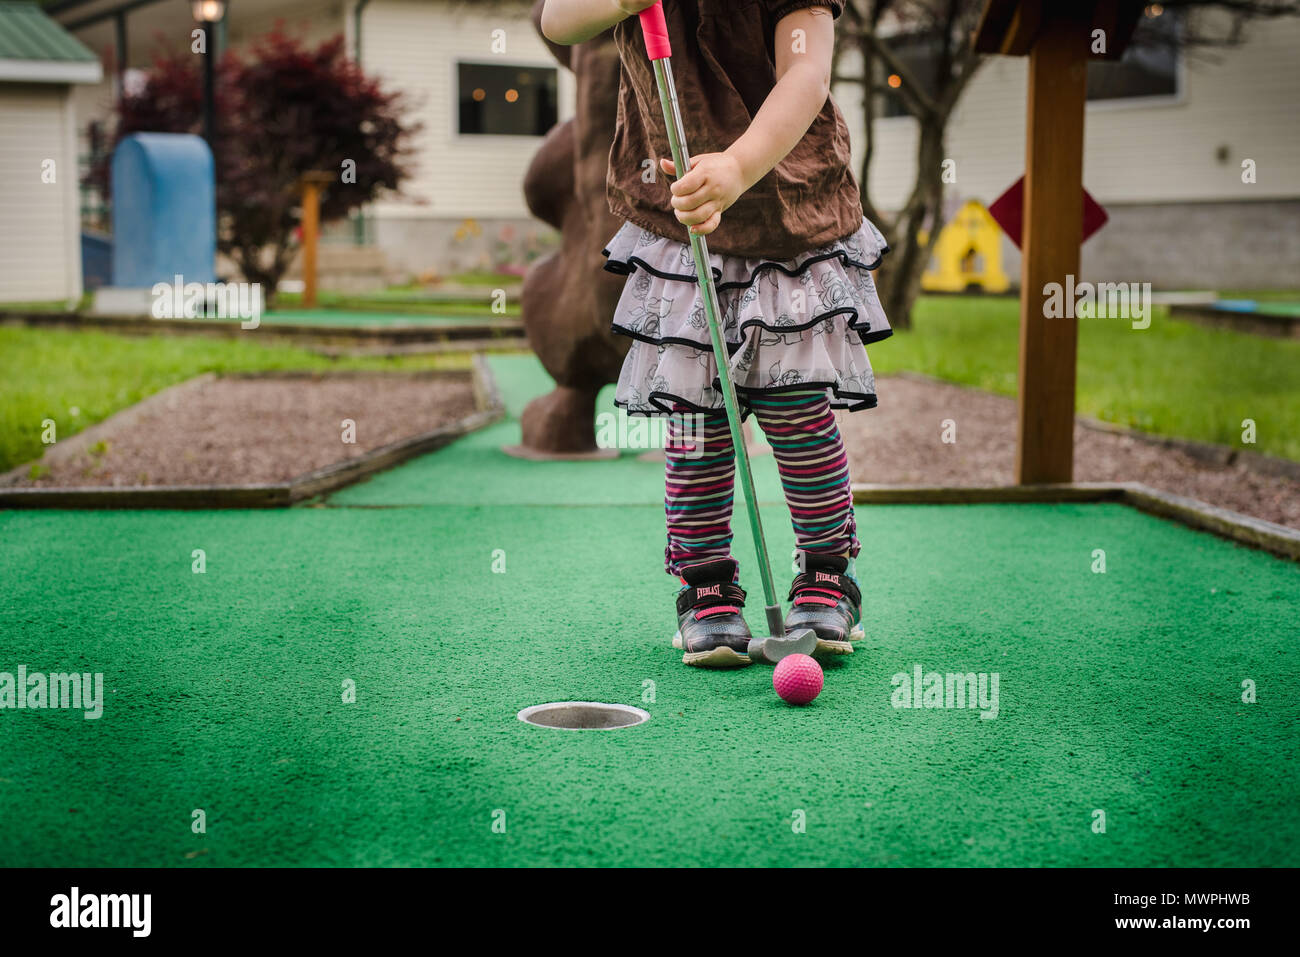 Eine Vorschule Mädchen spielt Minigolf. Stockbild